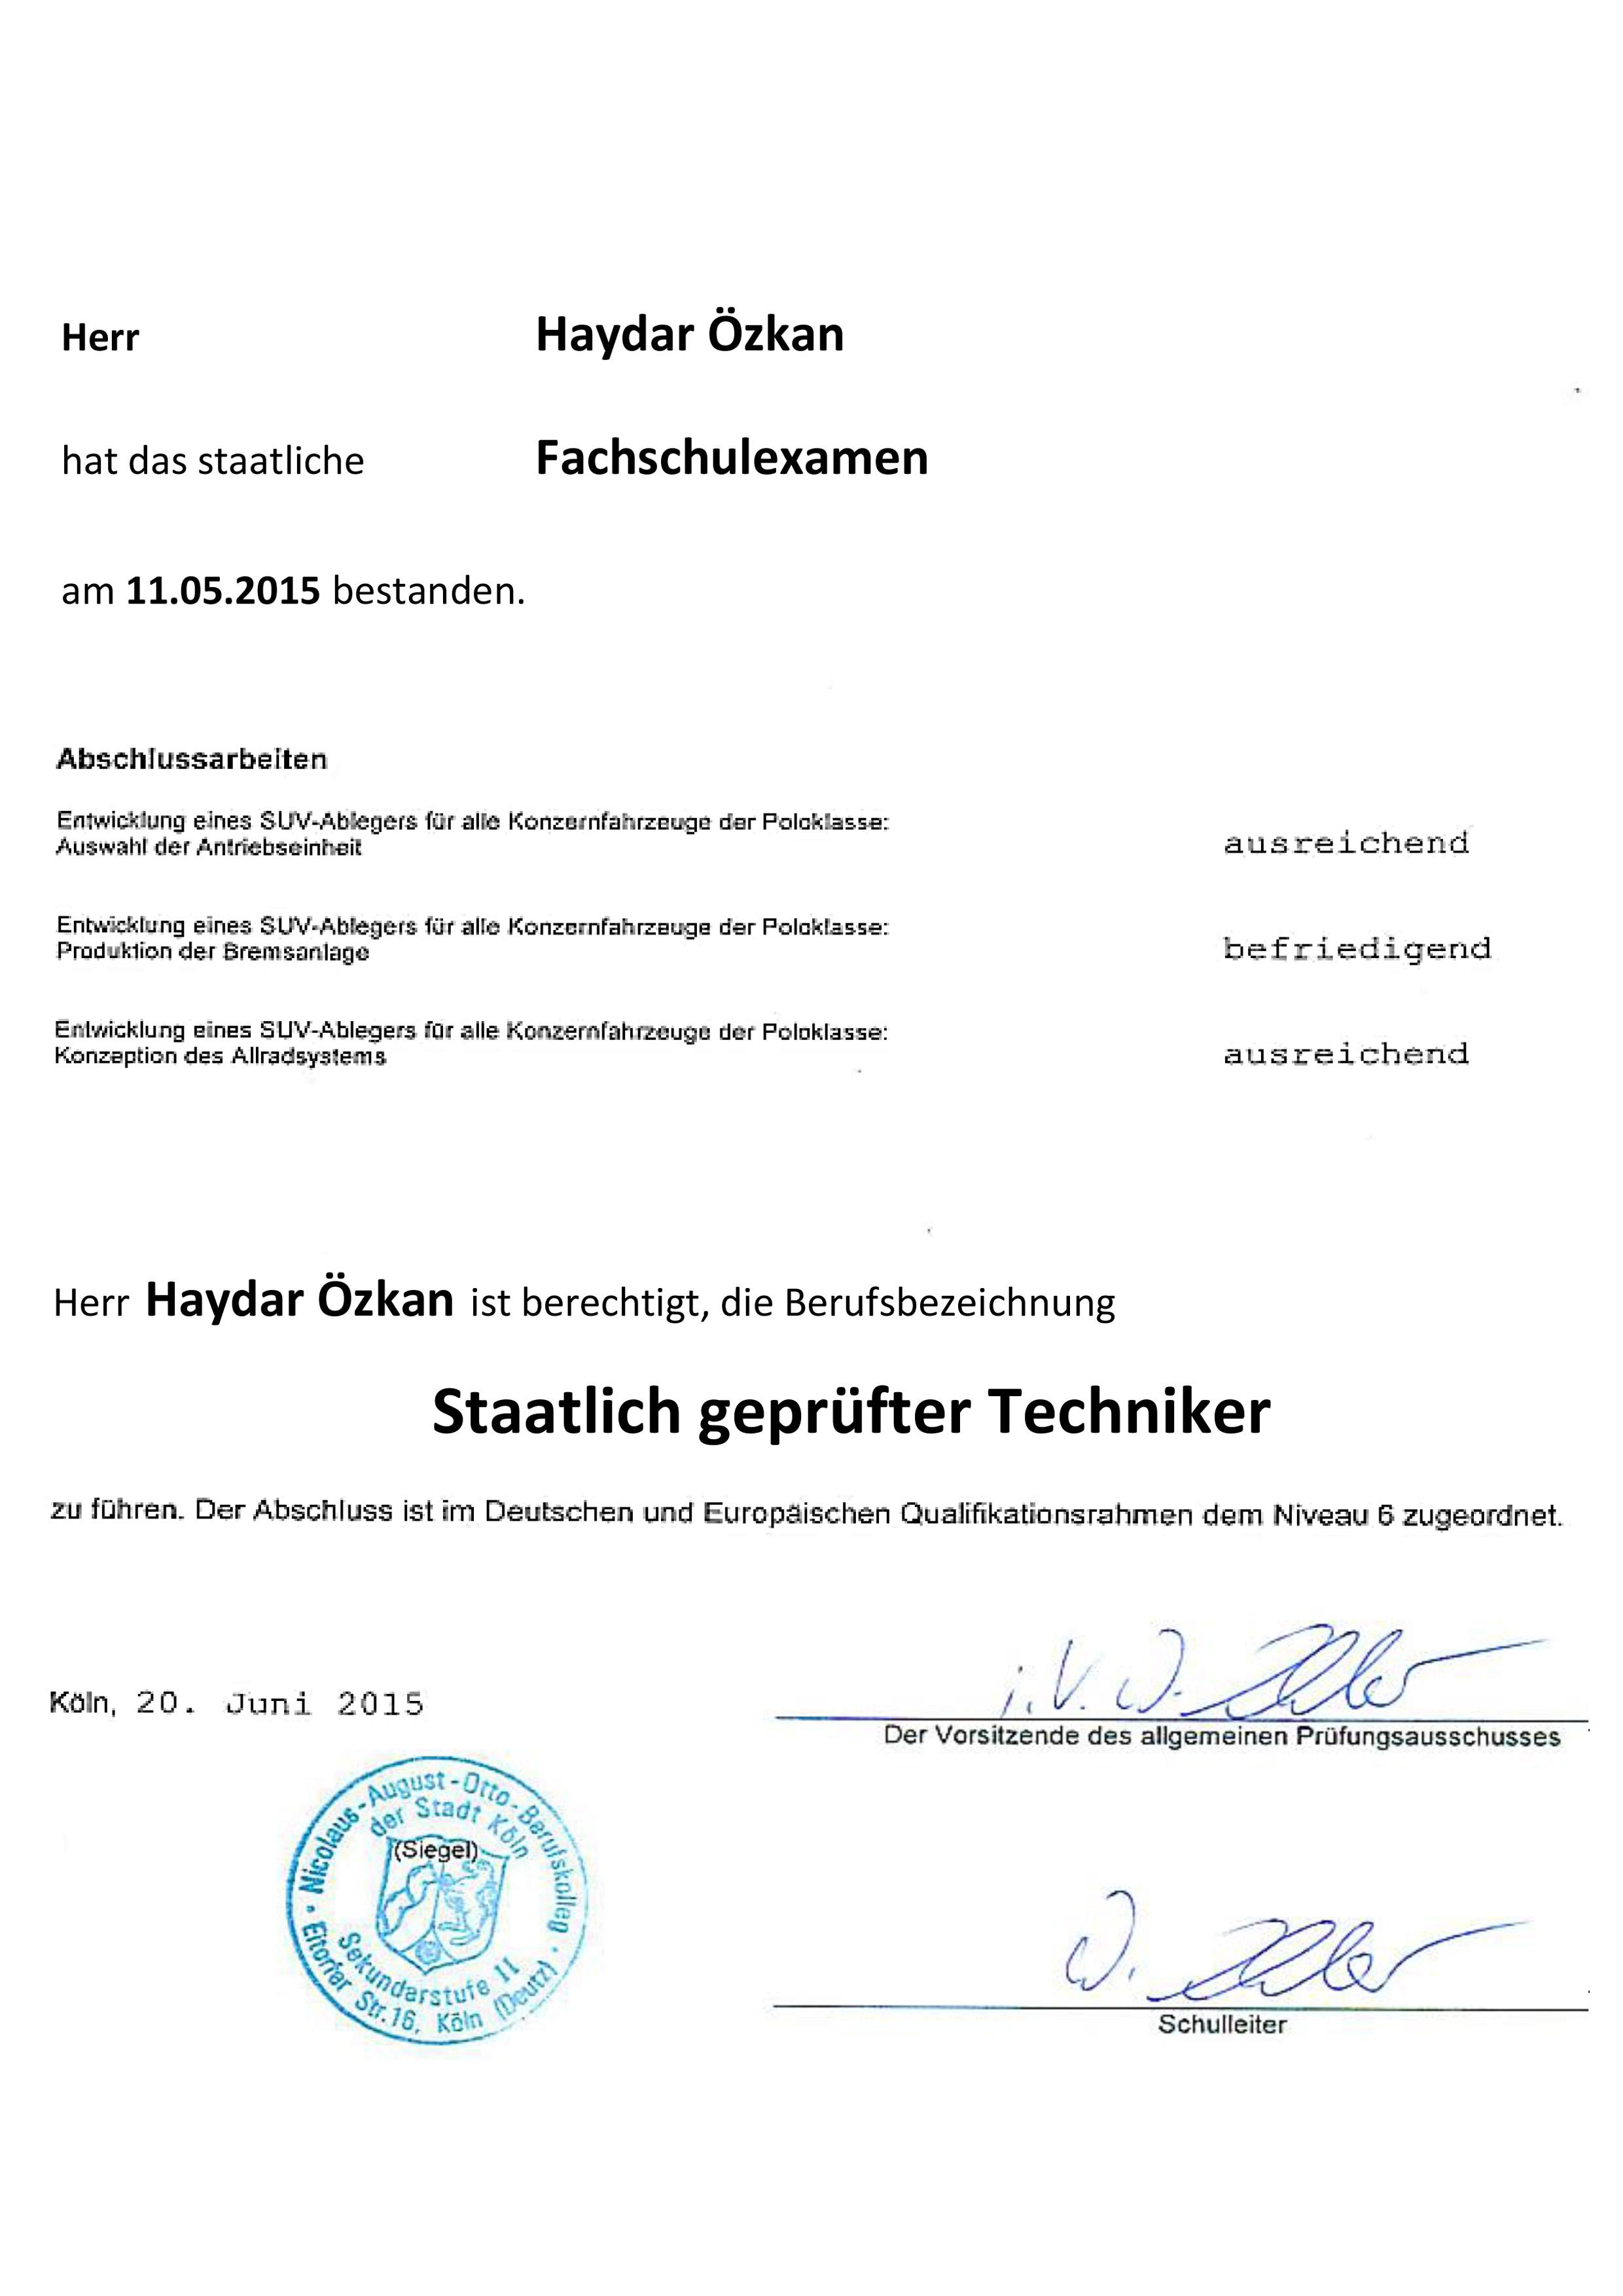 Staatlich geprüfter Techniker